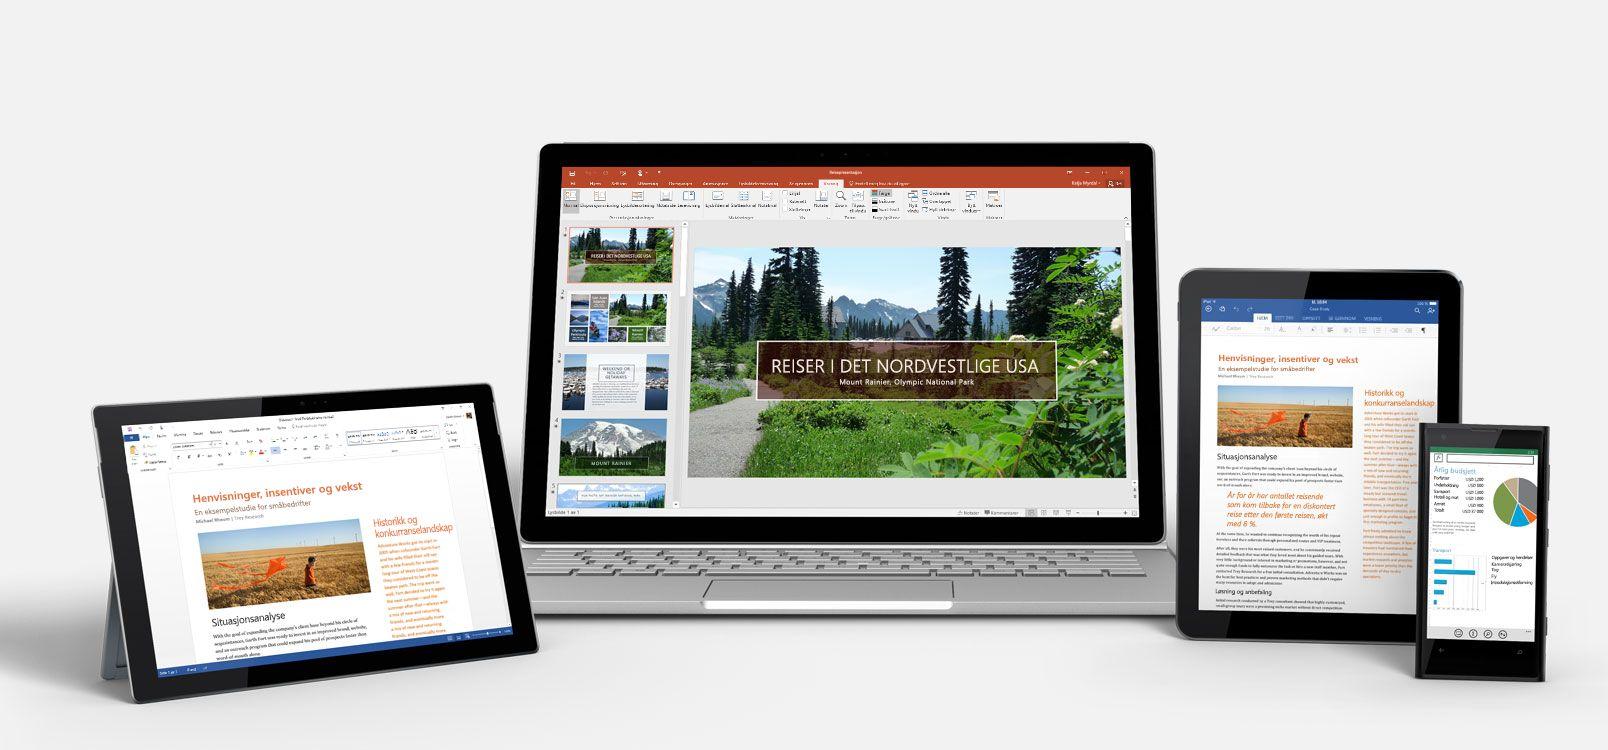 Et Windows-nettbrett, en bærbar datamaskin, en iPad og en smarttelefon som viser Office 365 i bruk.